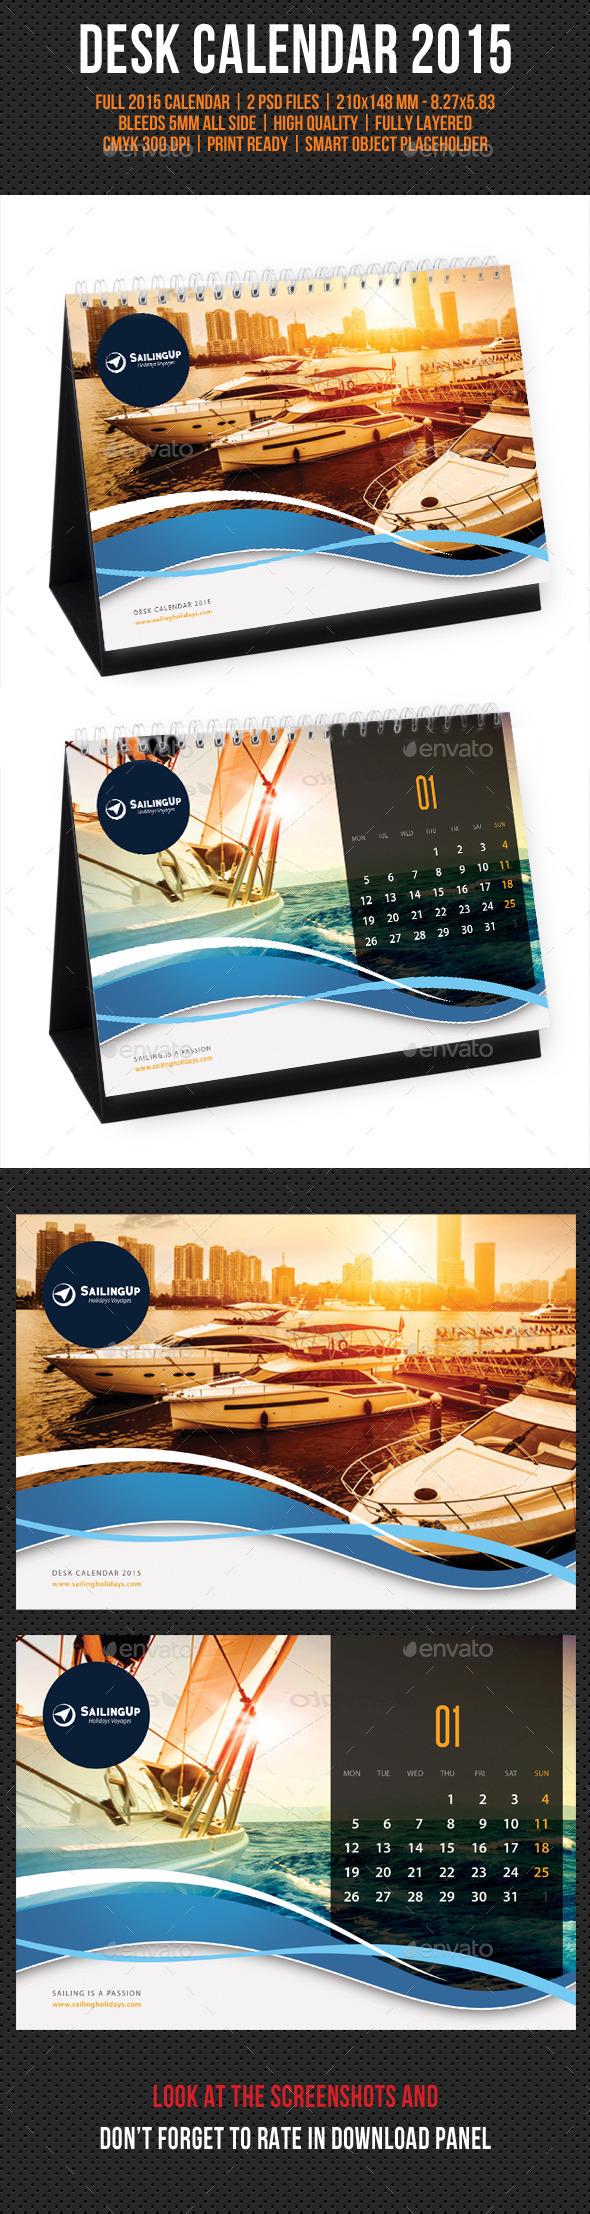 GraphicRiver Creative Desk Calendar 2015 V08 9753481